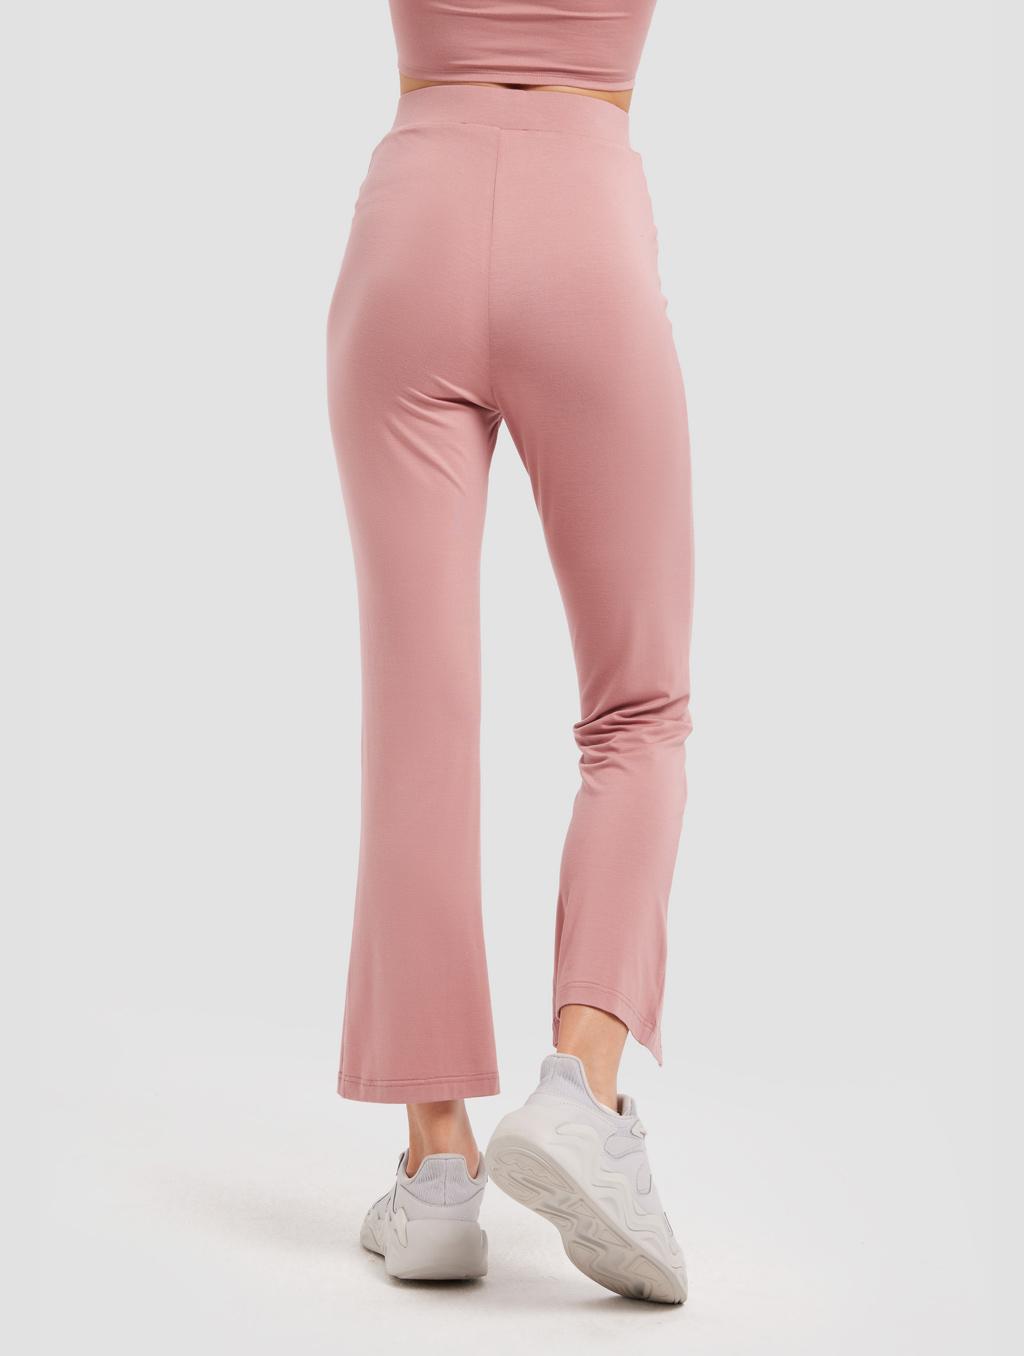 Slit Knit Pants - back- pink